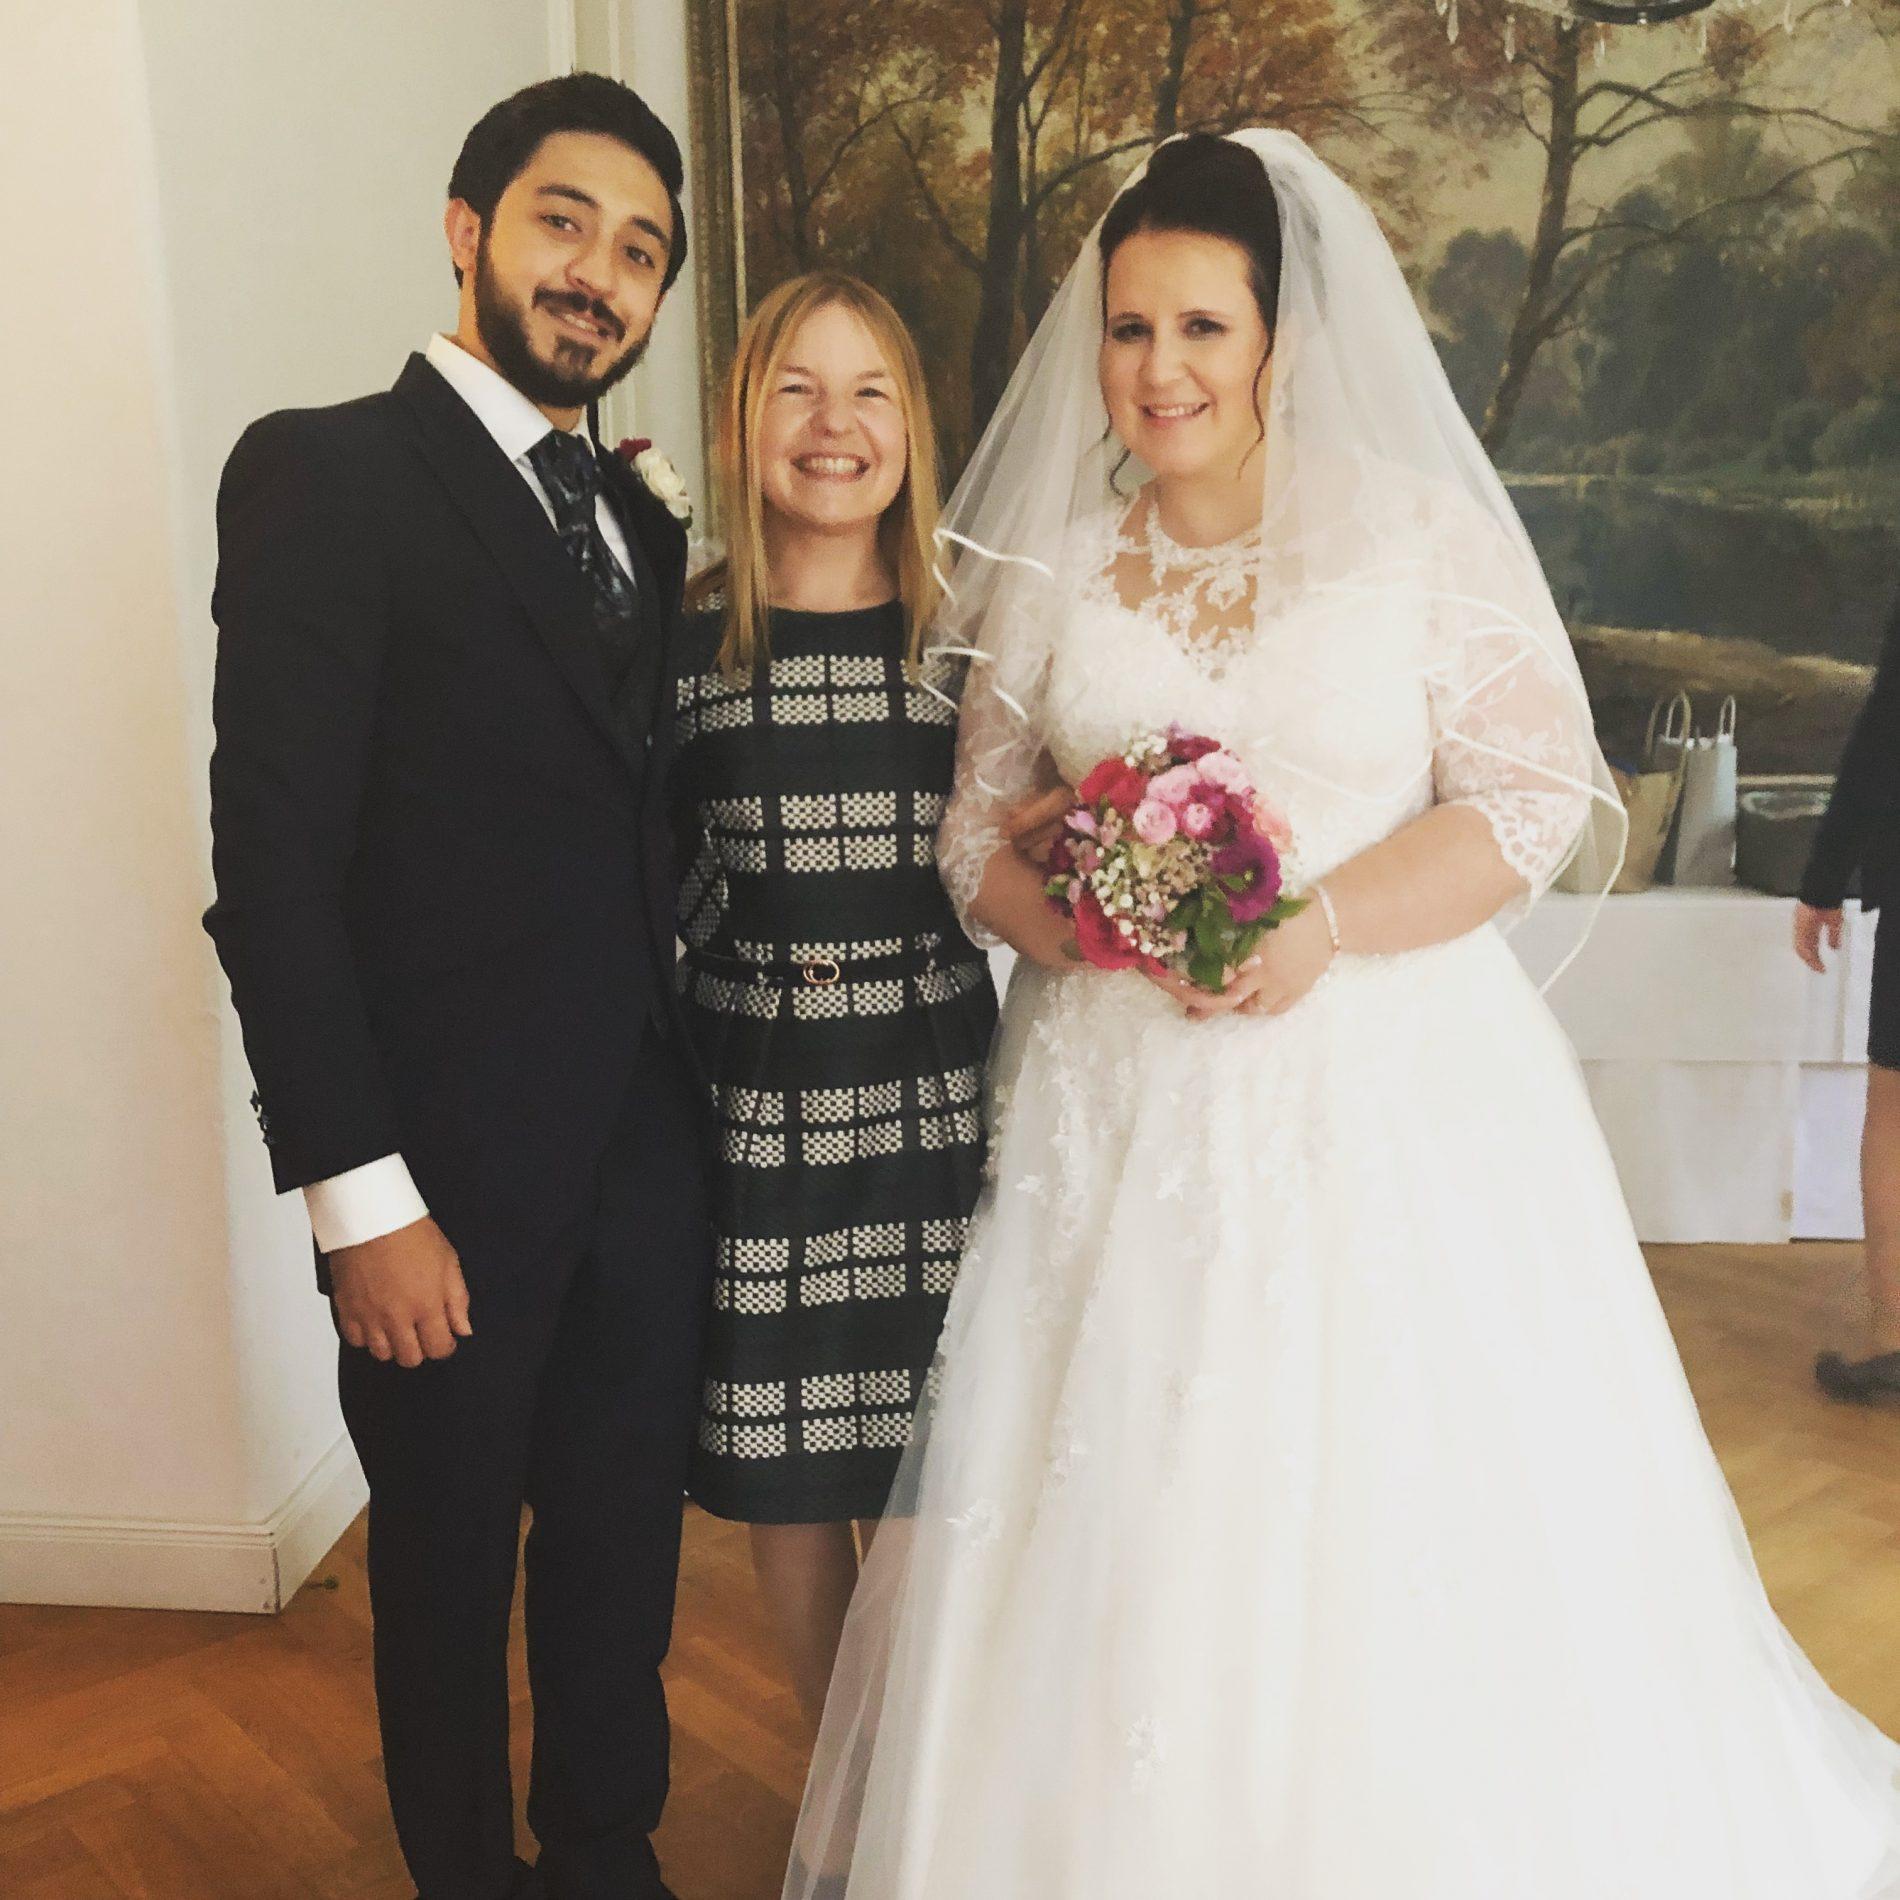 Freie Trauung von Susen und Mohammad im Kurhaus Bad Tölz